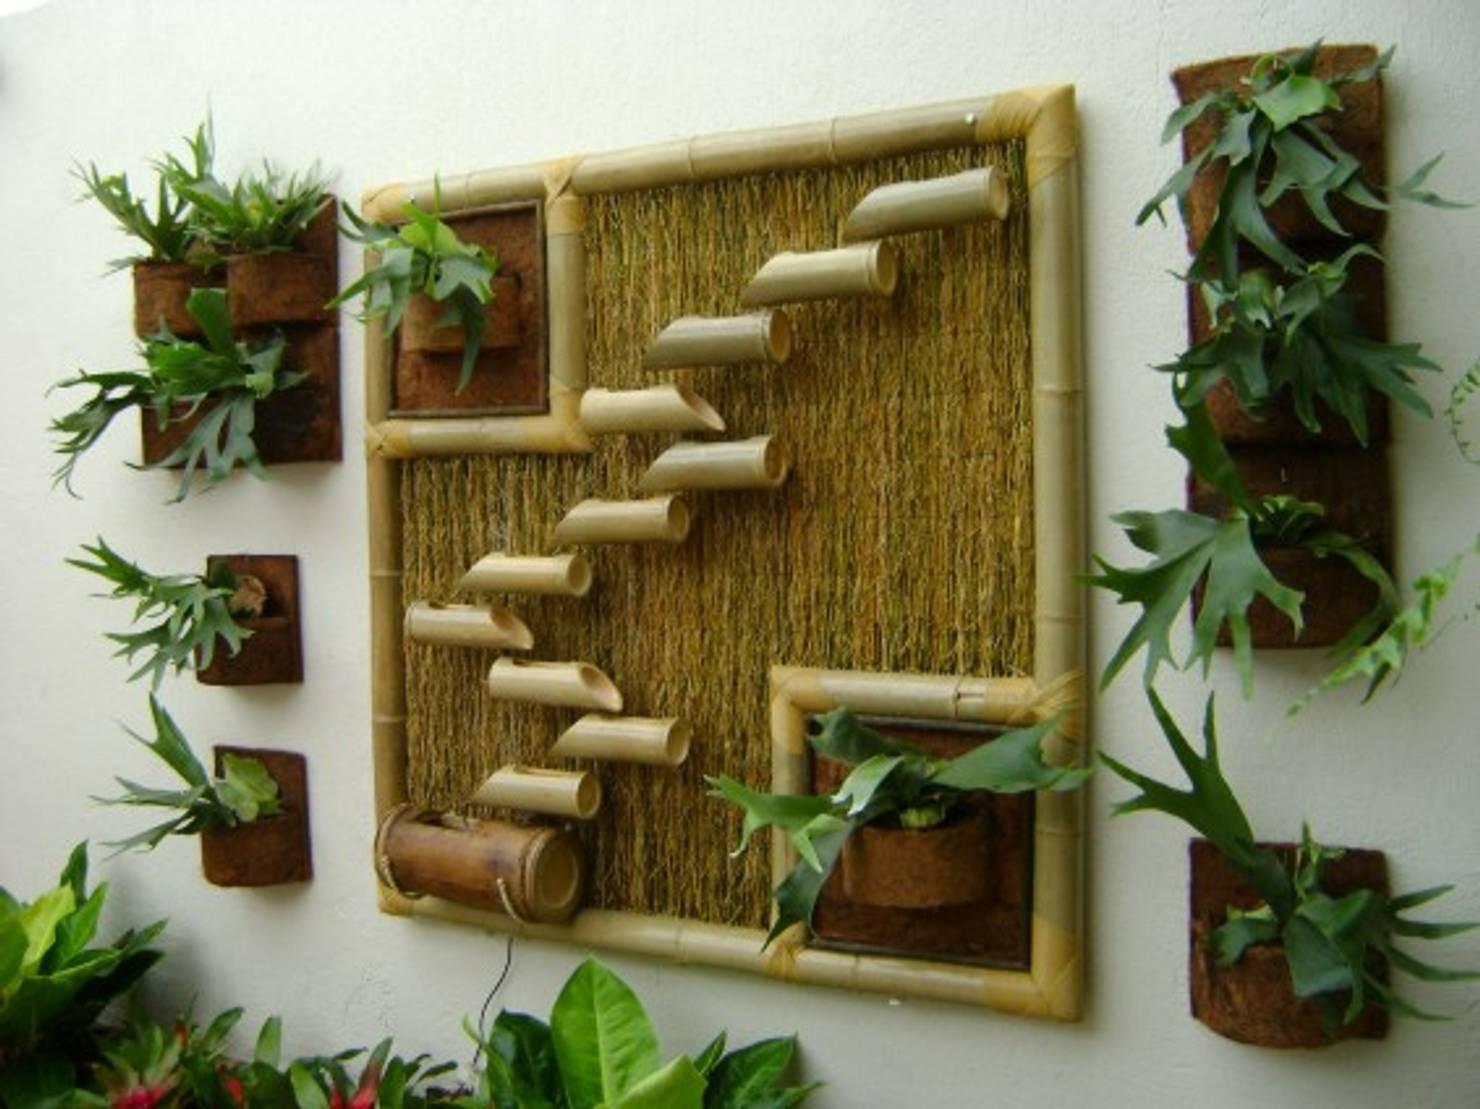 21 Fontes E Cascatas Que Vão Modernizar A Sua Casa